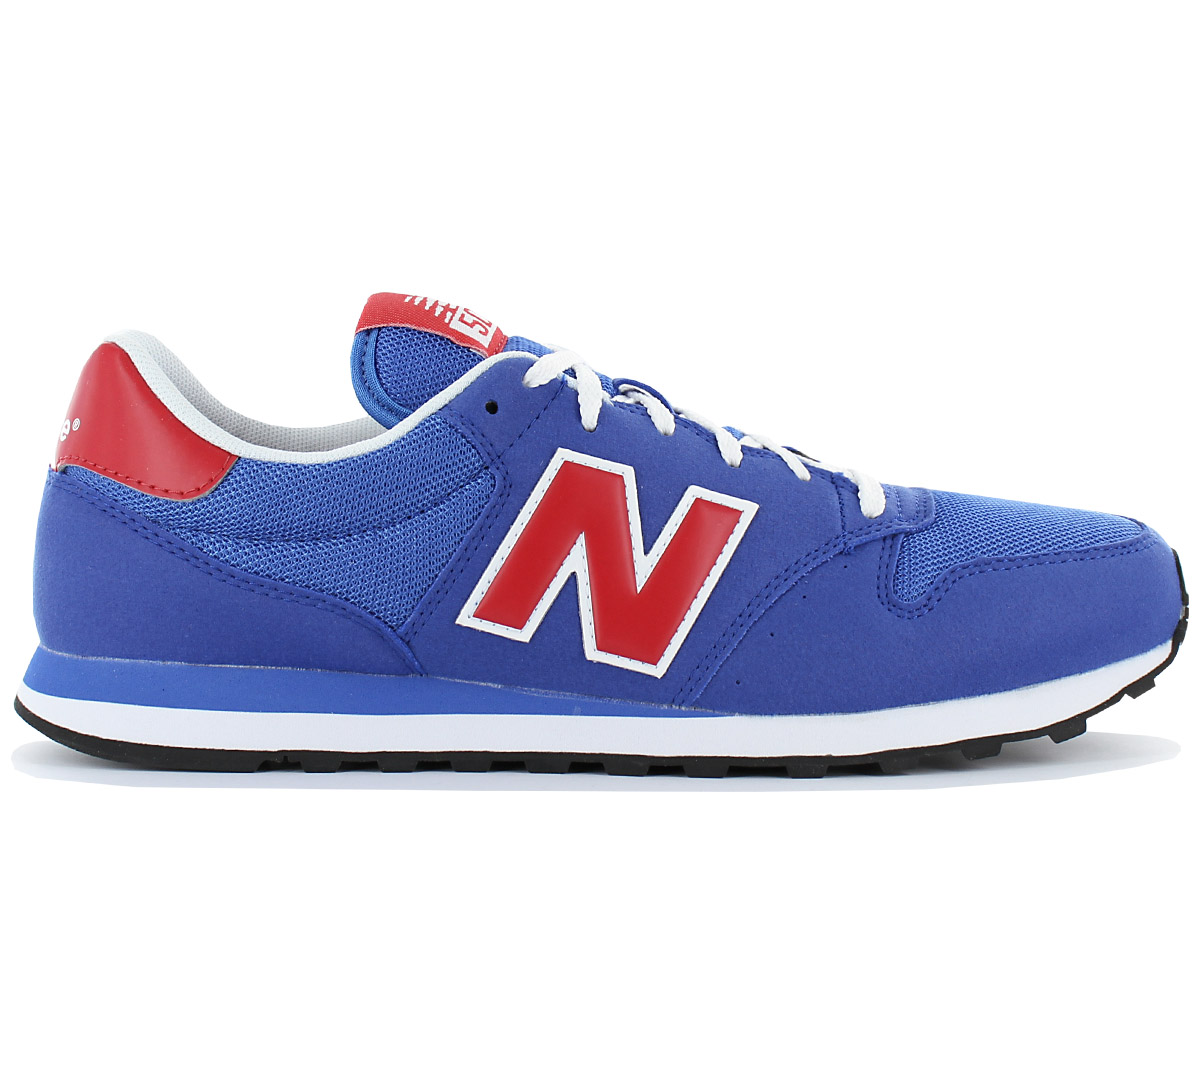 New Balance Classic Herren Schuhe GM500 Sneaker 500 NEU Turnschuhe Freizeit NEU 500 0548b4